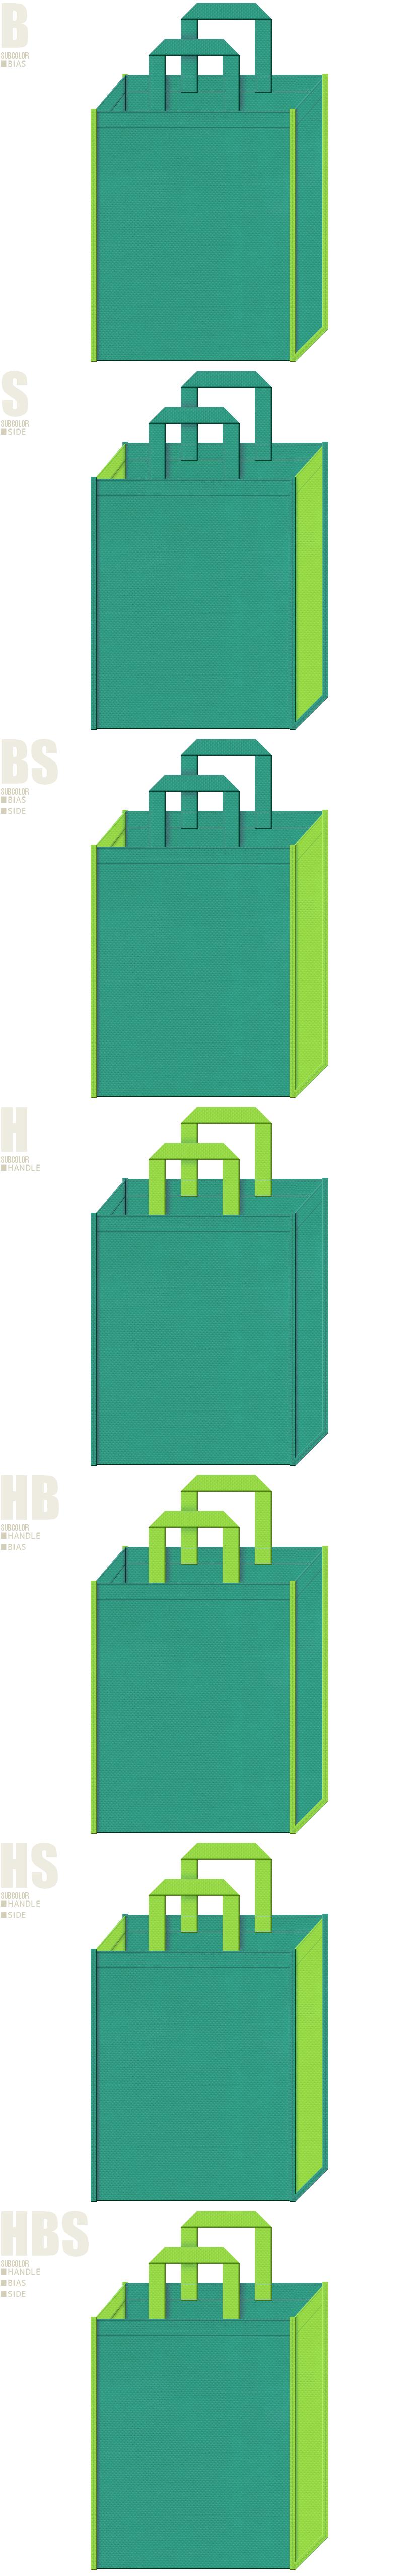 青緑色と黄緑色、7パターンの不織布トートバッグ配色デザイン例。ガーデニング、エコ系イベント用不織布バッグにお奨めです。